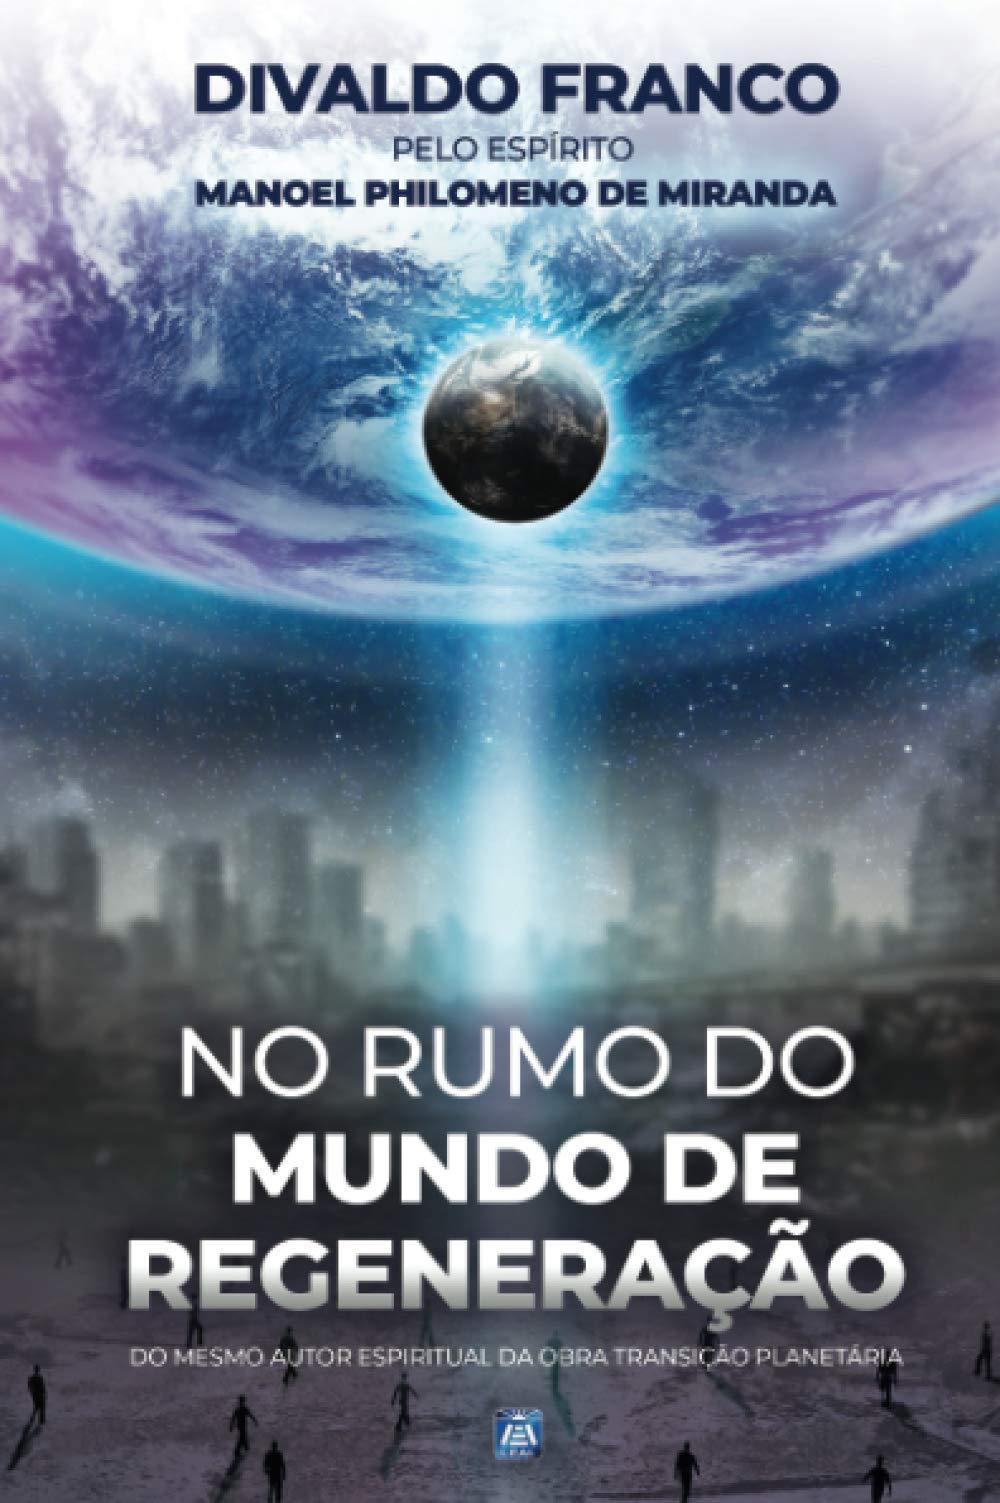 Livro No Rumo Do Mundo De Regeneração - Divaldo Franco